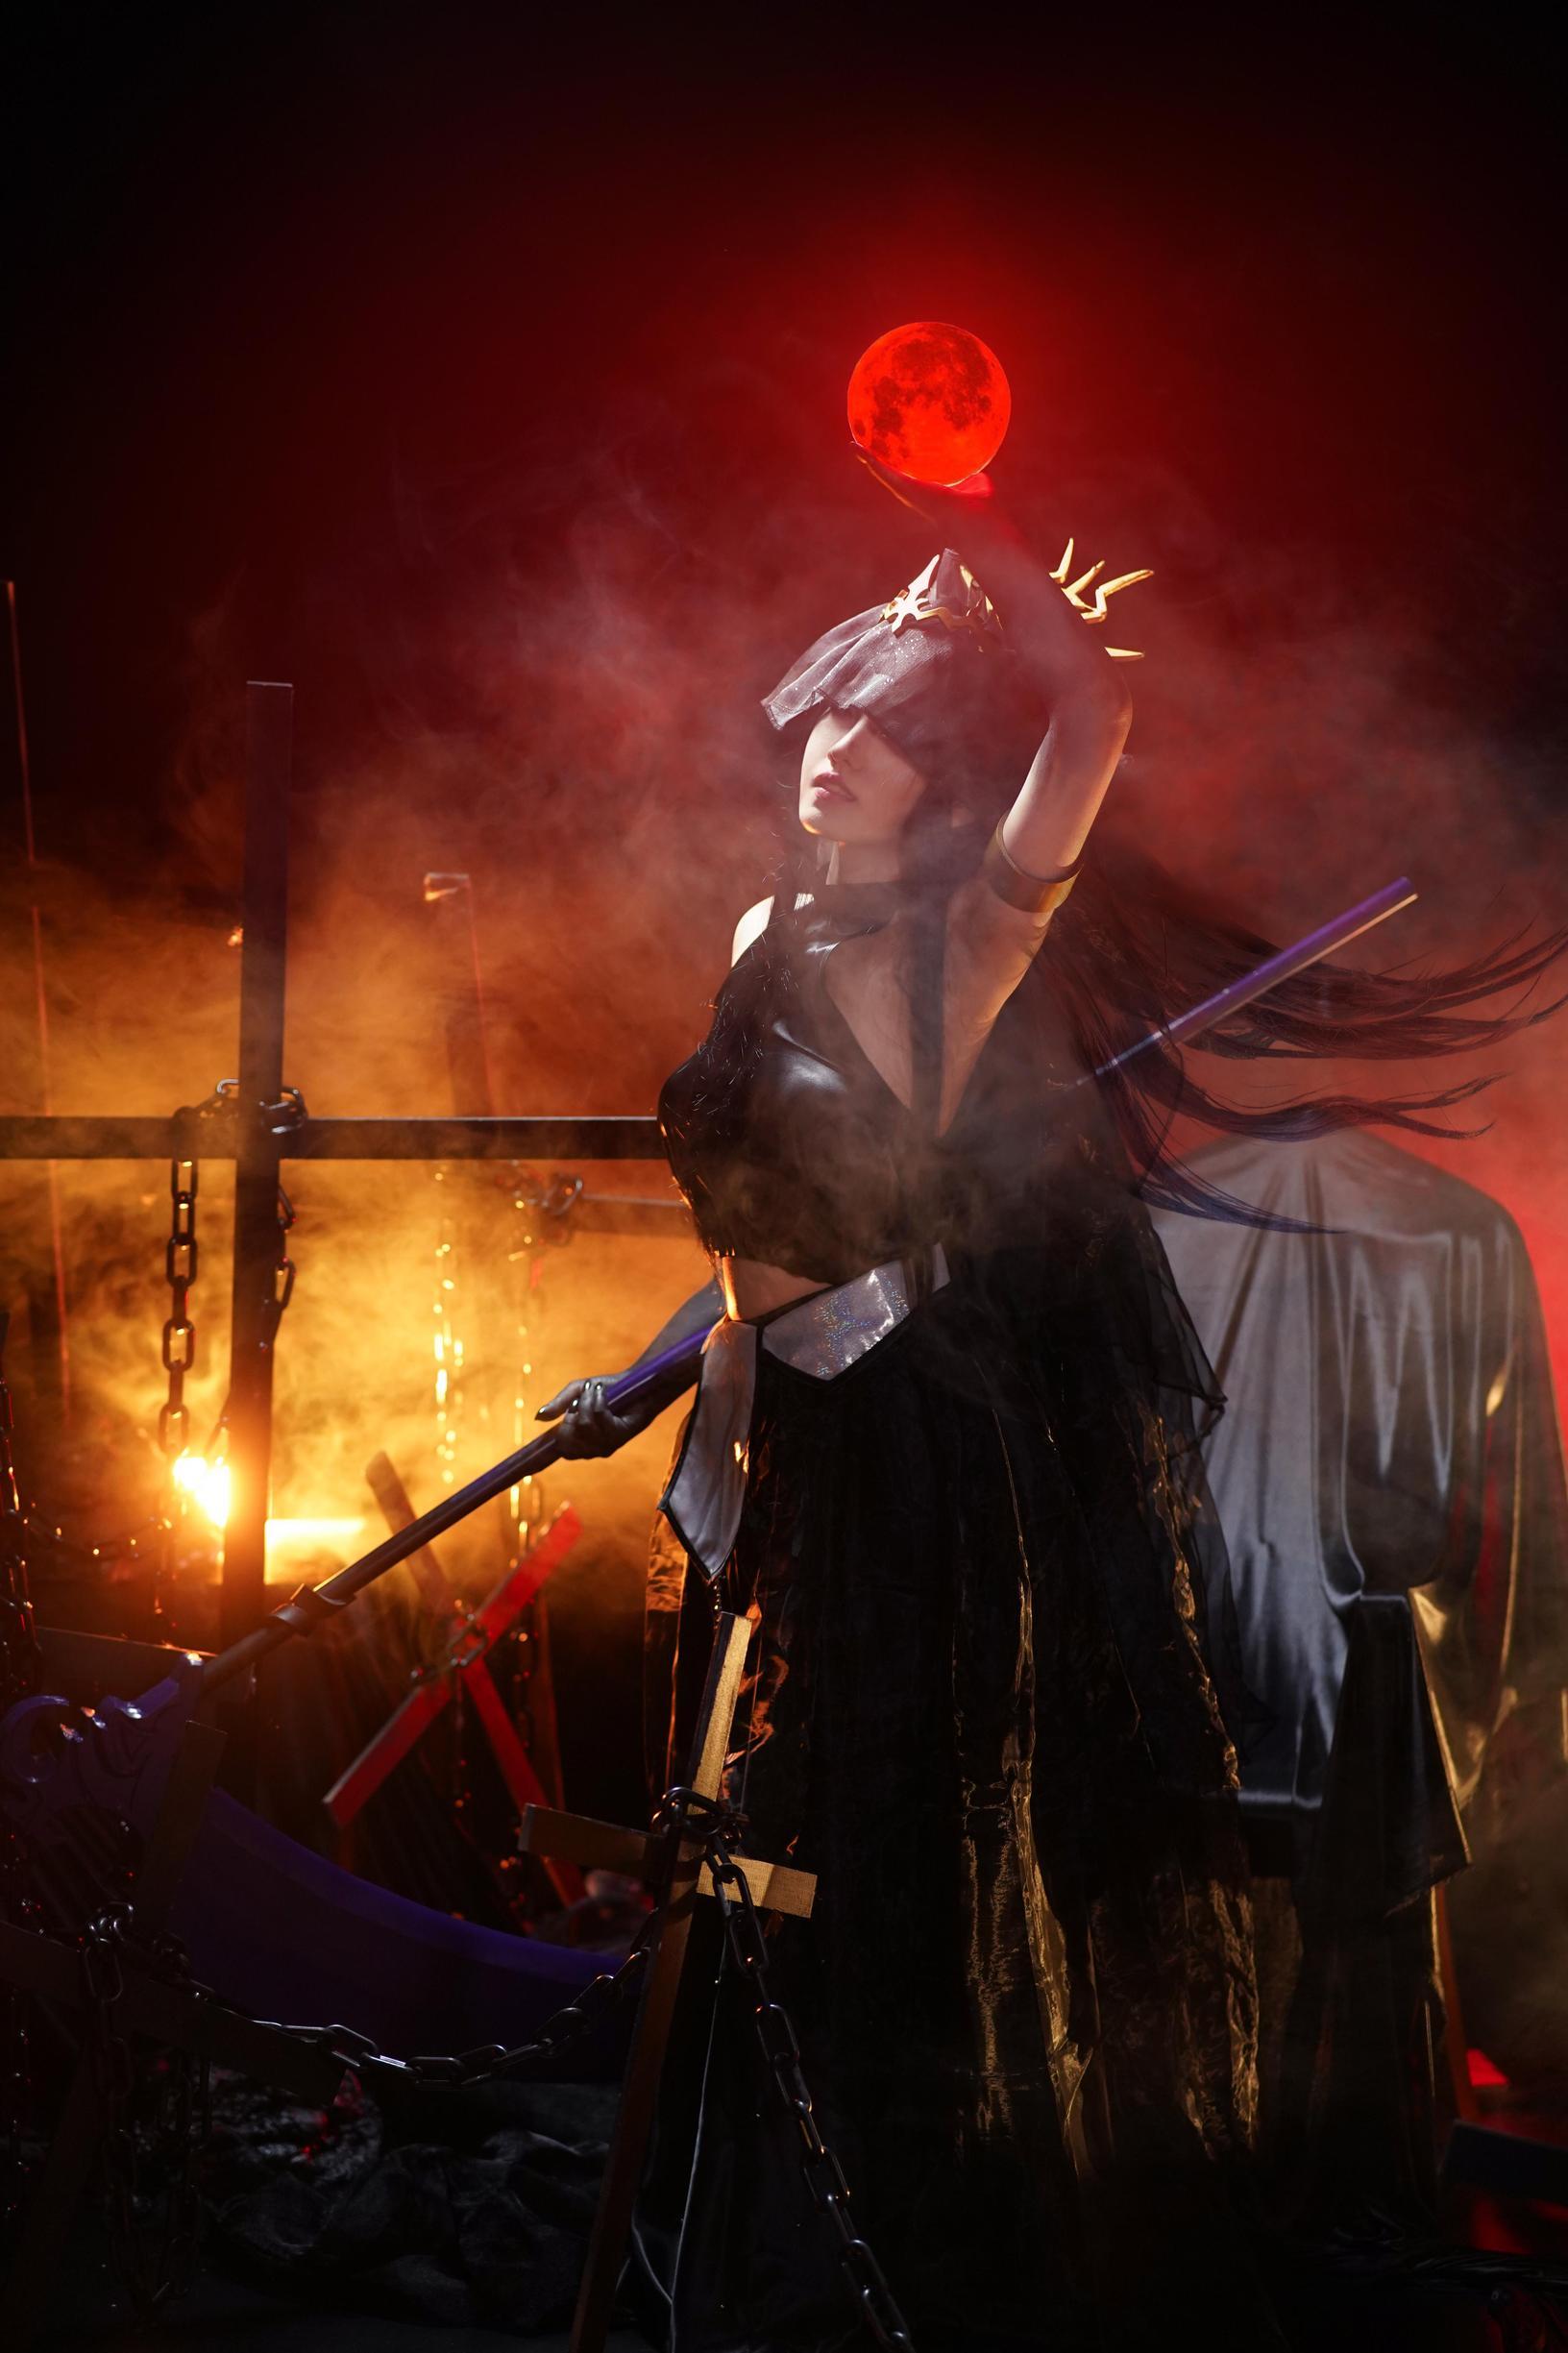 《诡秘之主》女神cosplay【CN:声三岁_】 -蓝光cosplay图片插图